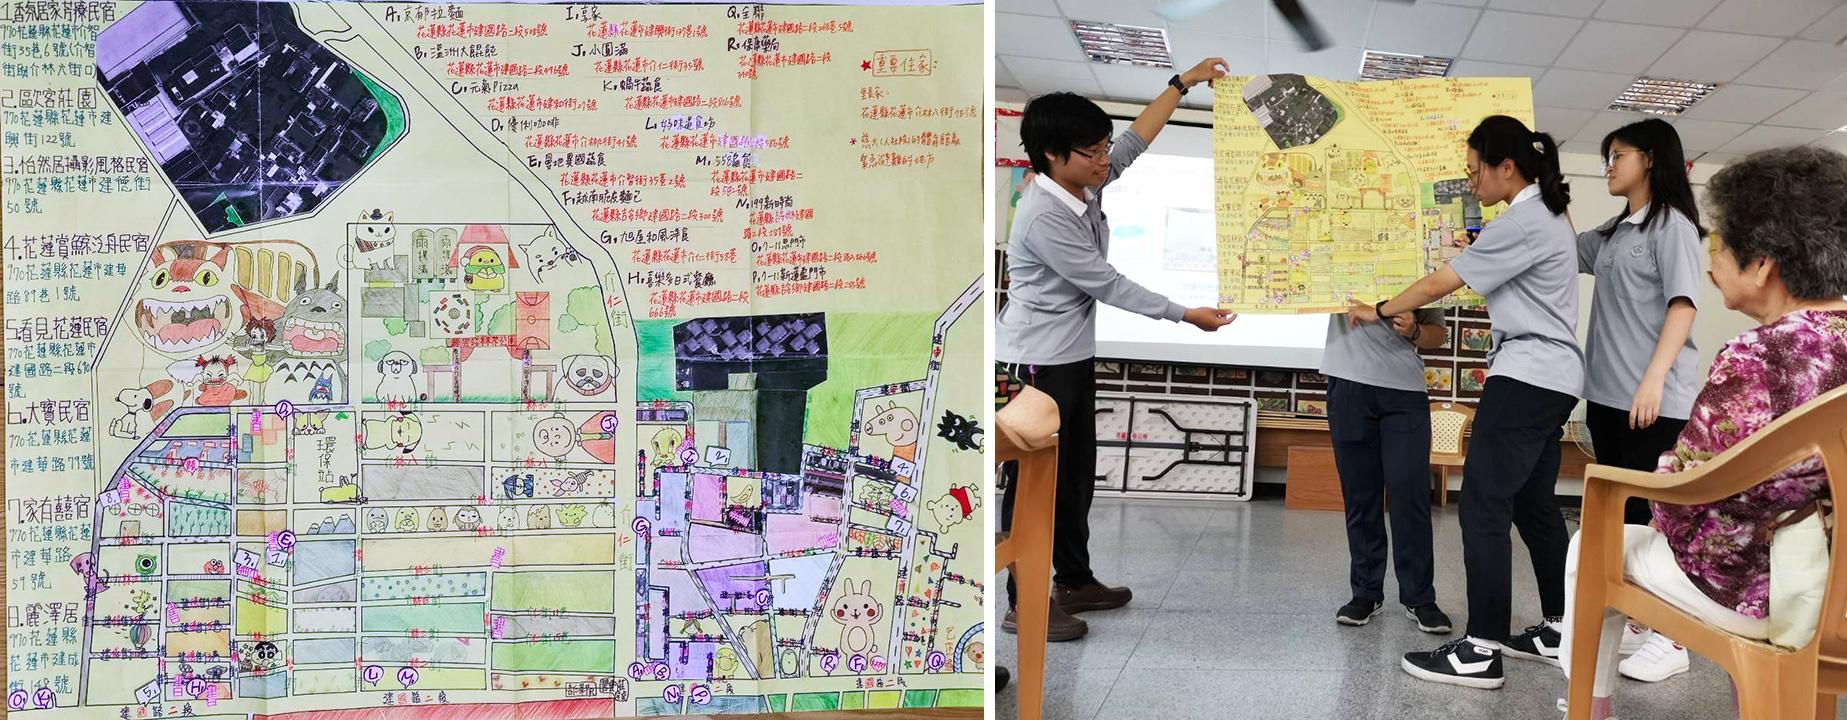 社區地圖組則負責將碧雲莊的特色、避難位置、社區還書箱的位置標記出來,讓社區內的居民可以透過地圖了解社區內大大小小事務。